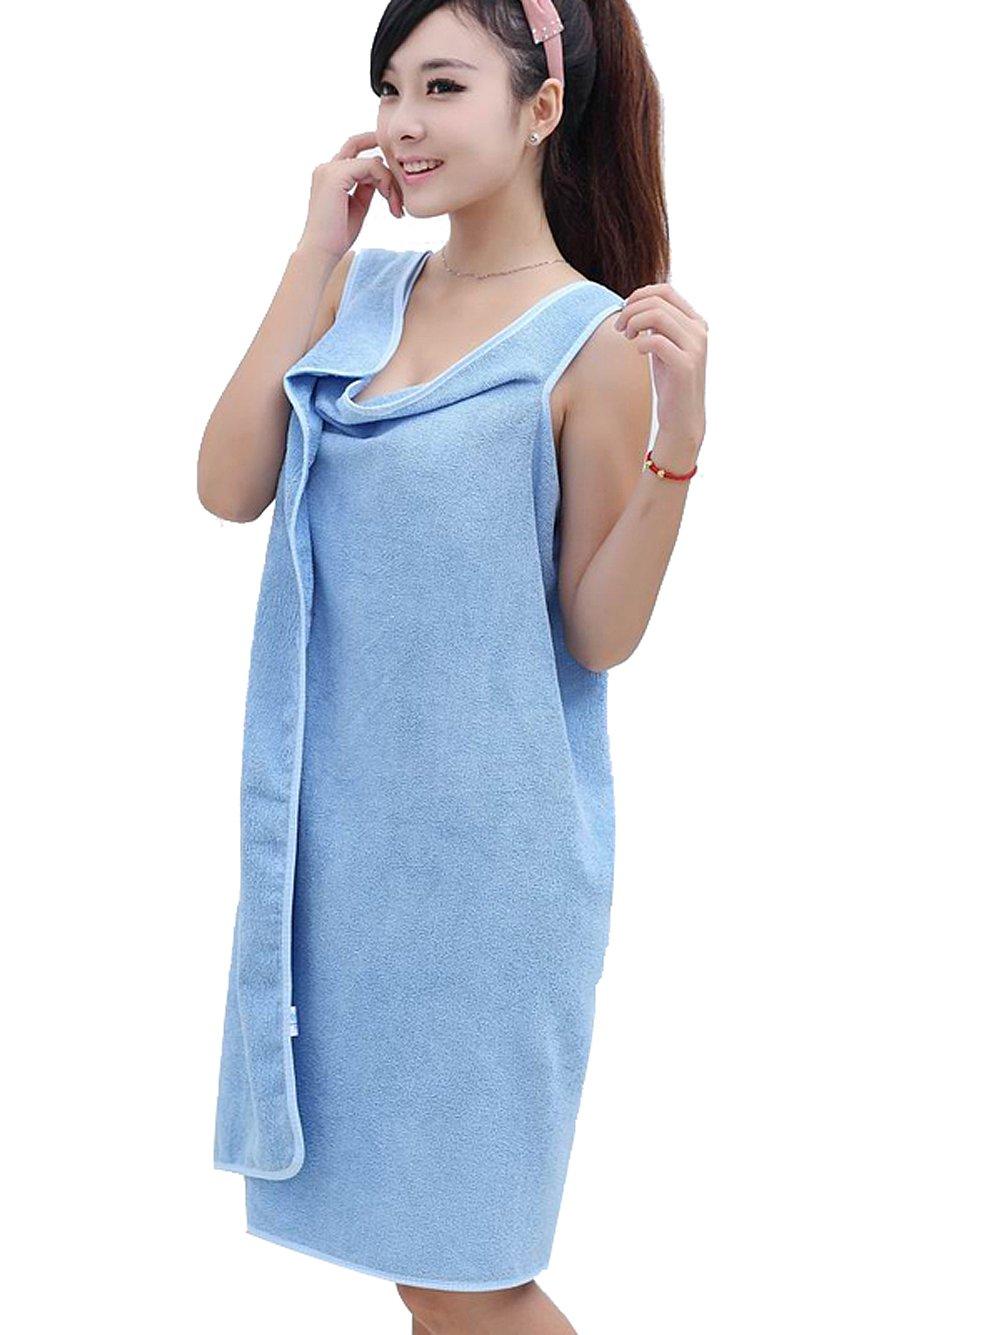 Moolecole De Las Mujeres Bañera Toallas y Chicas Bañera Envolver Toallas Usable Ducha Bañera Envolver Mujeres Azul: Amazon.es: Hogar